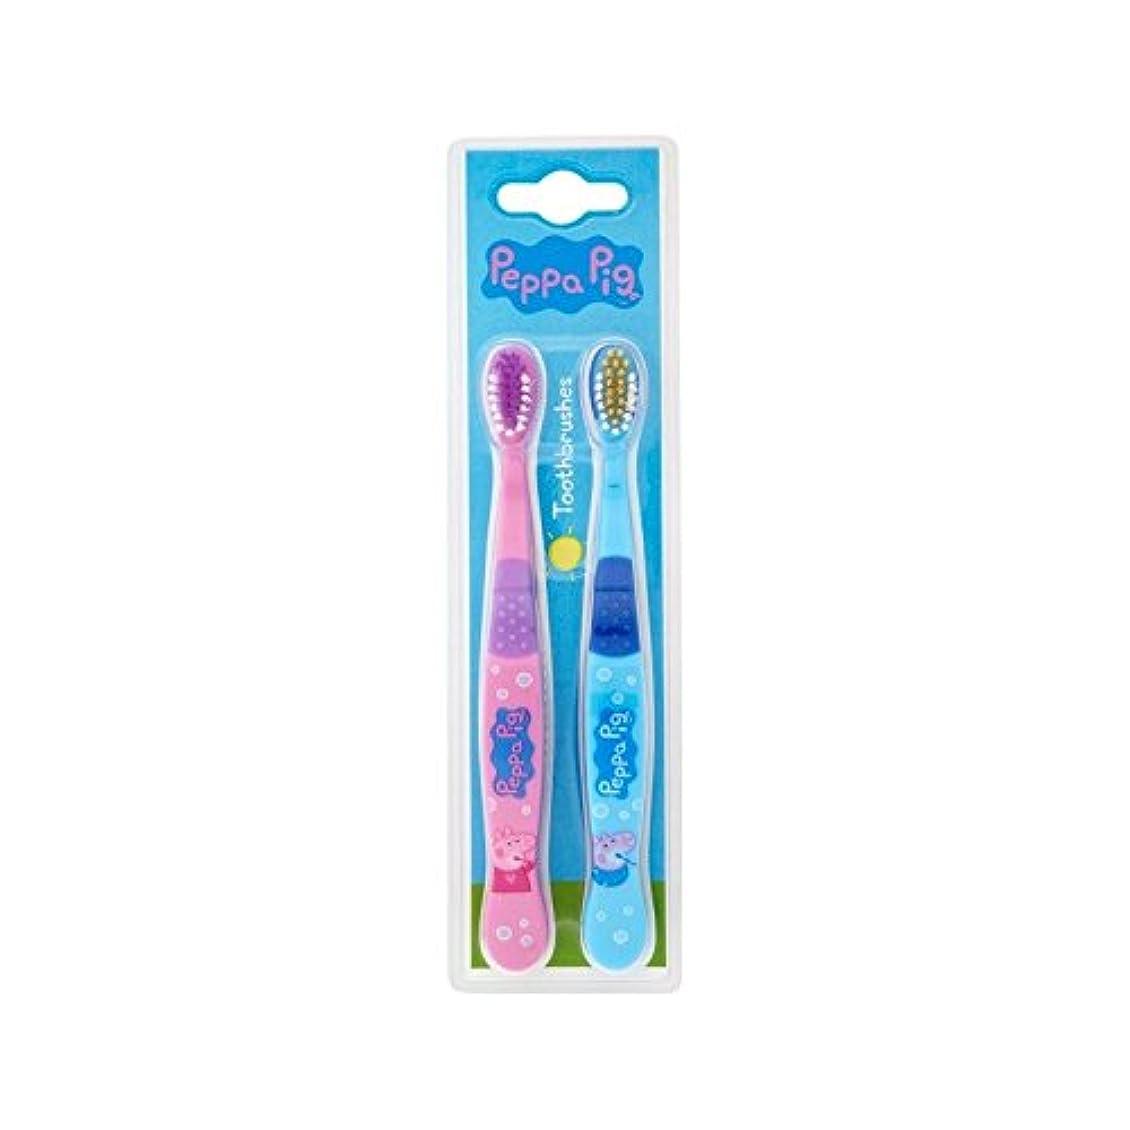 1パックツイン歯ブラシ2 (Peppa Pig) - Peppa Pig Twin Toothbrush 2 per pack [並行輸入品]